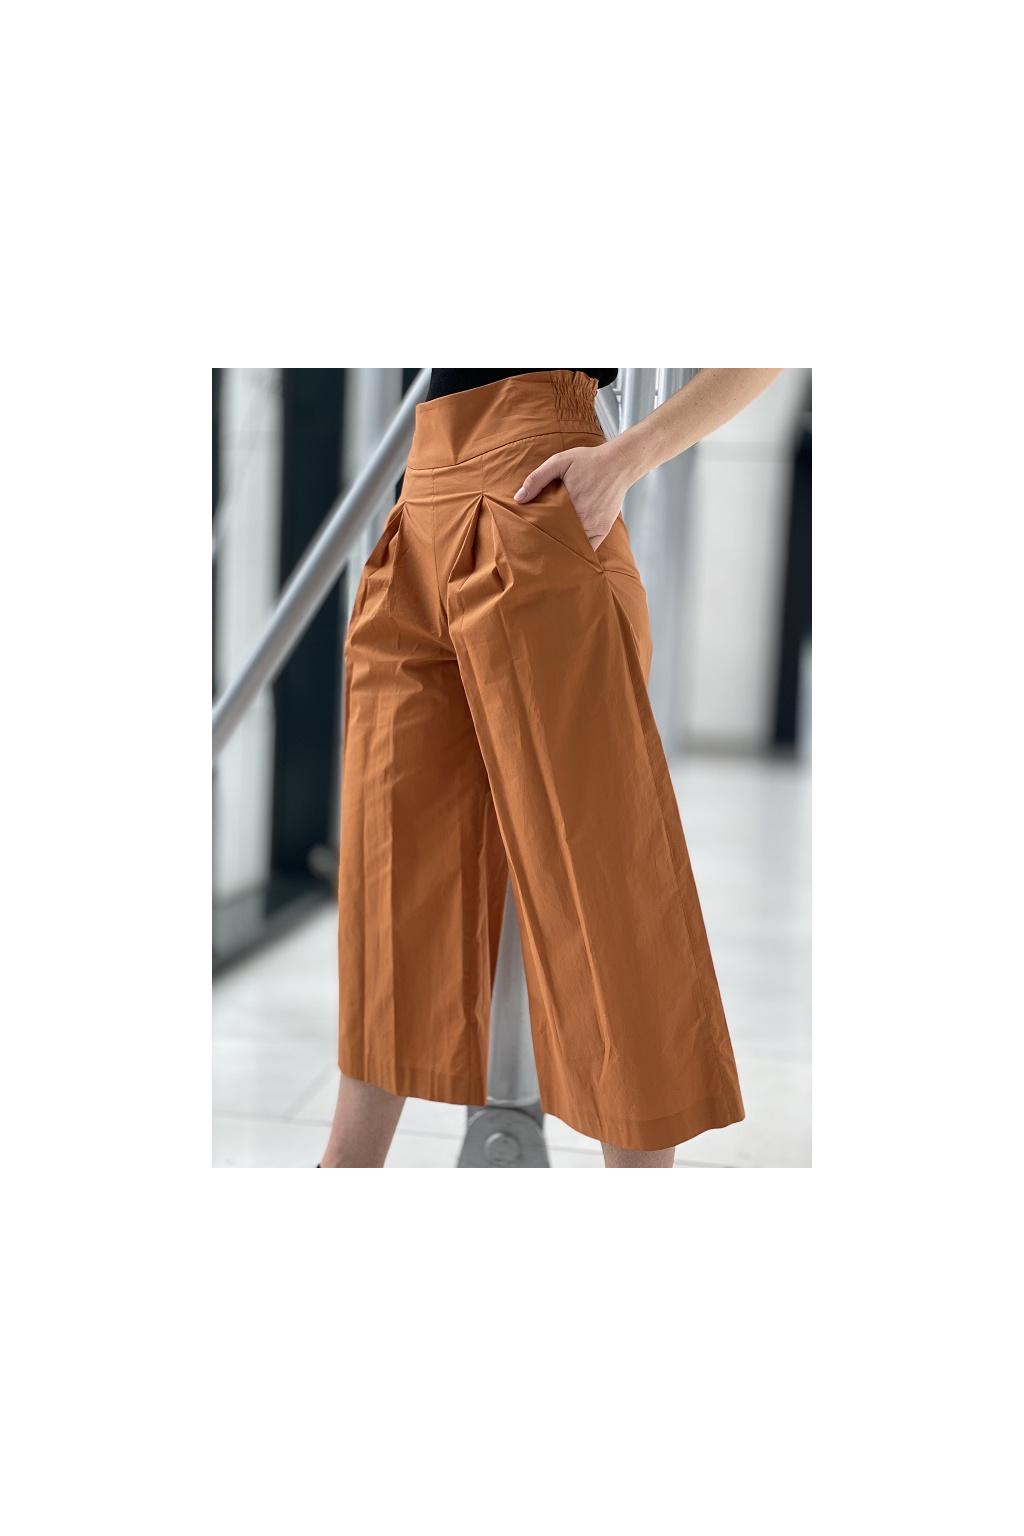 Dámská kalhoty Pinko Teso 4 hnědé